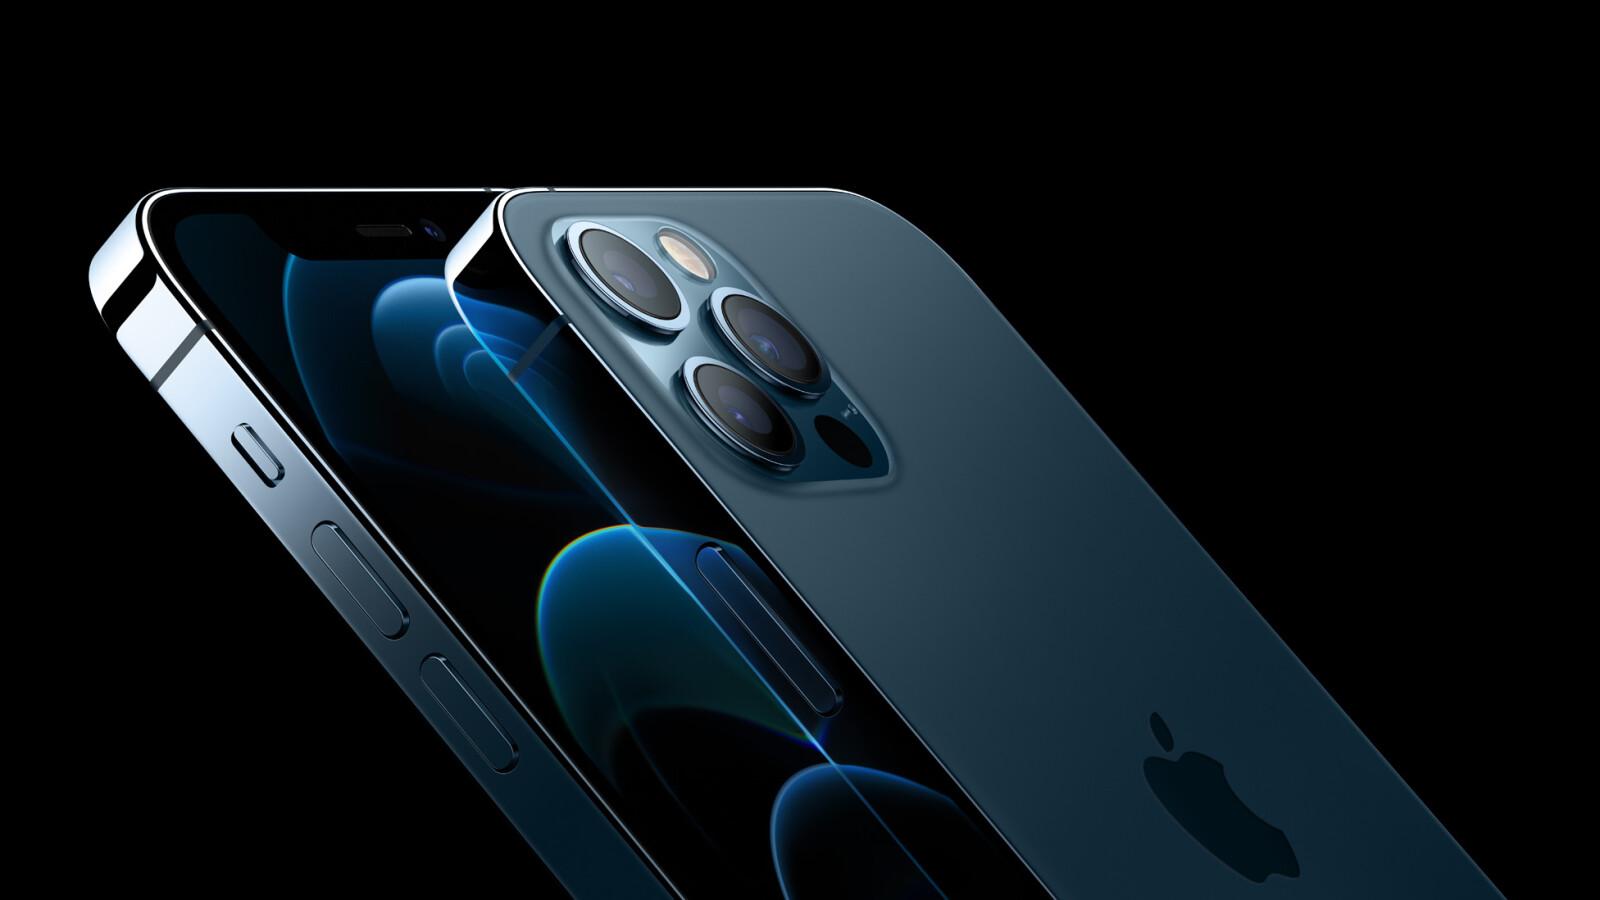 iPhone 12 im freien Preisfall: Premium-Handy schon jetzt reduziert kaufen - netzwelt.de